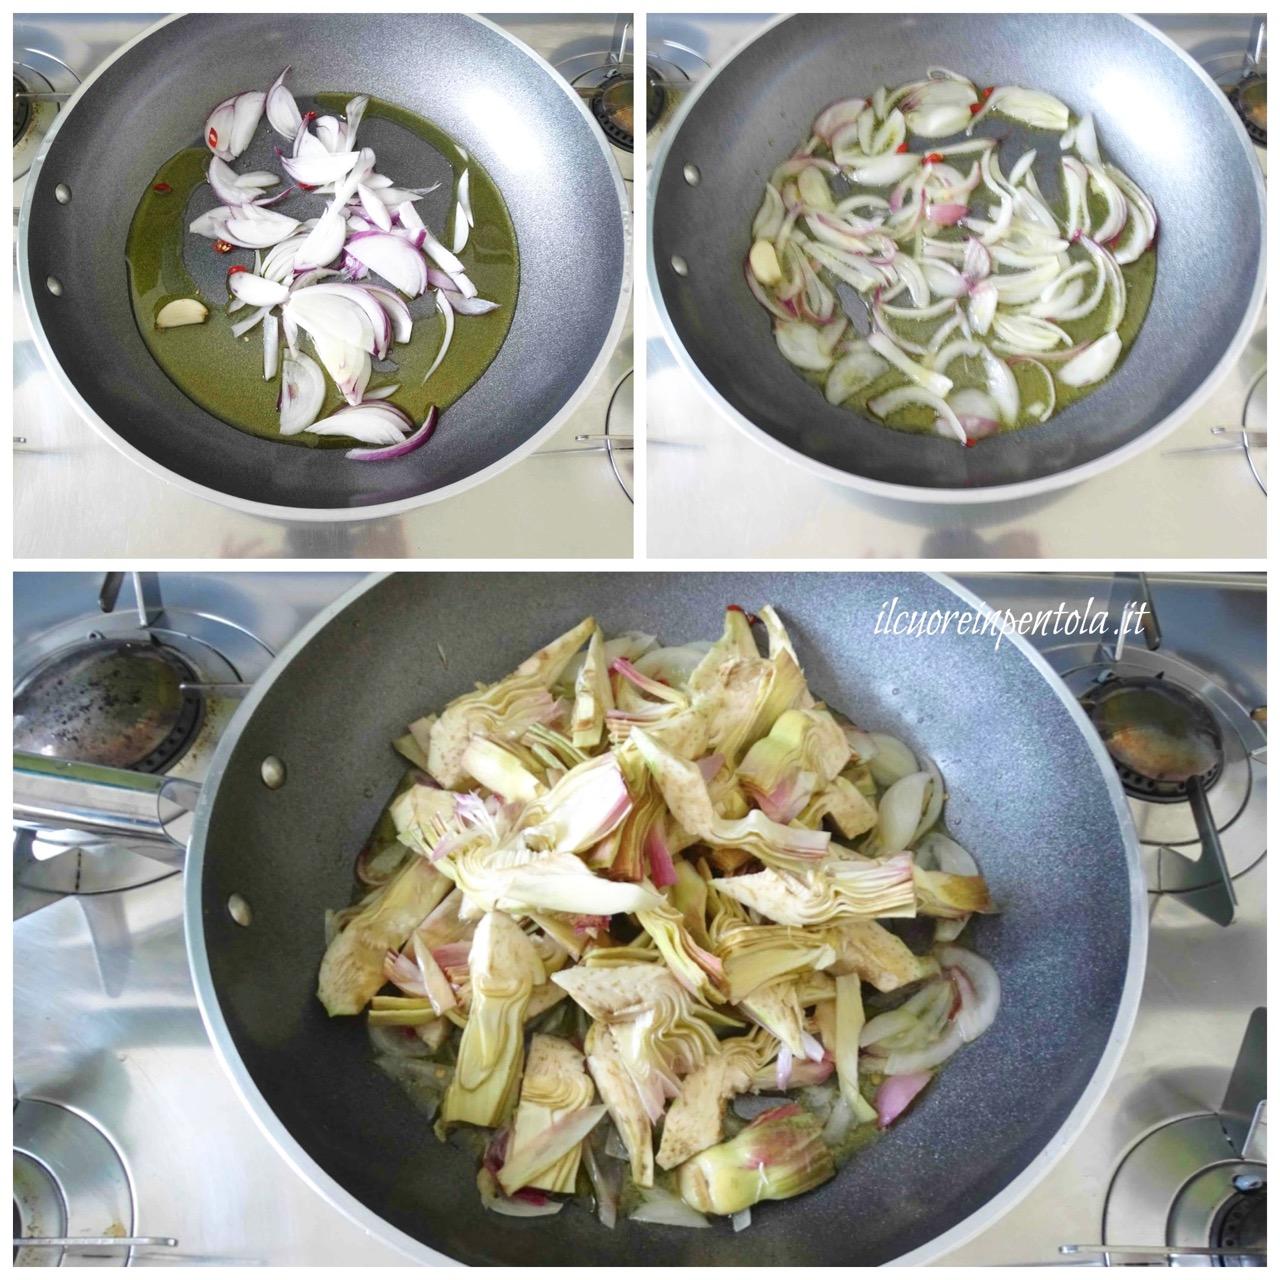 soffriggere cipolla e aggiungere carciofi